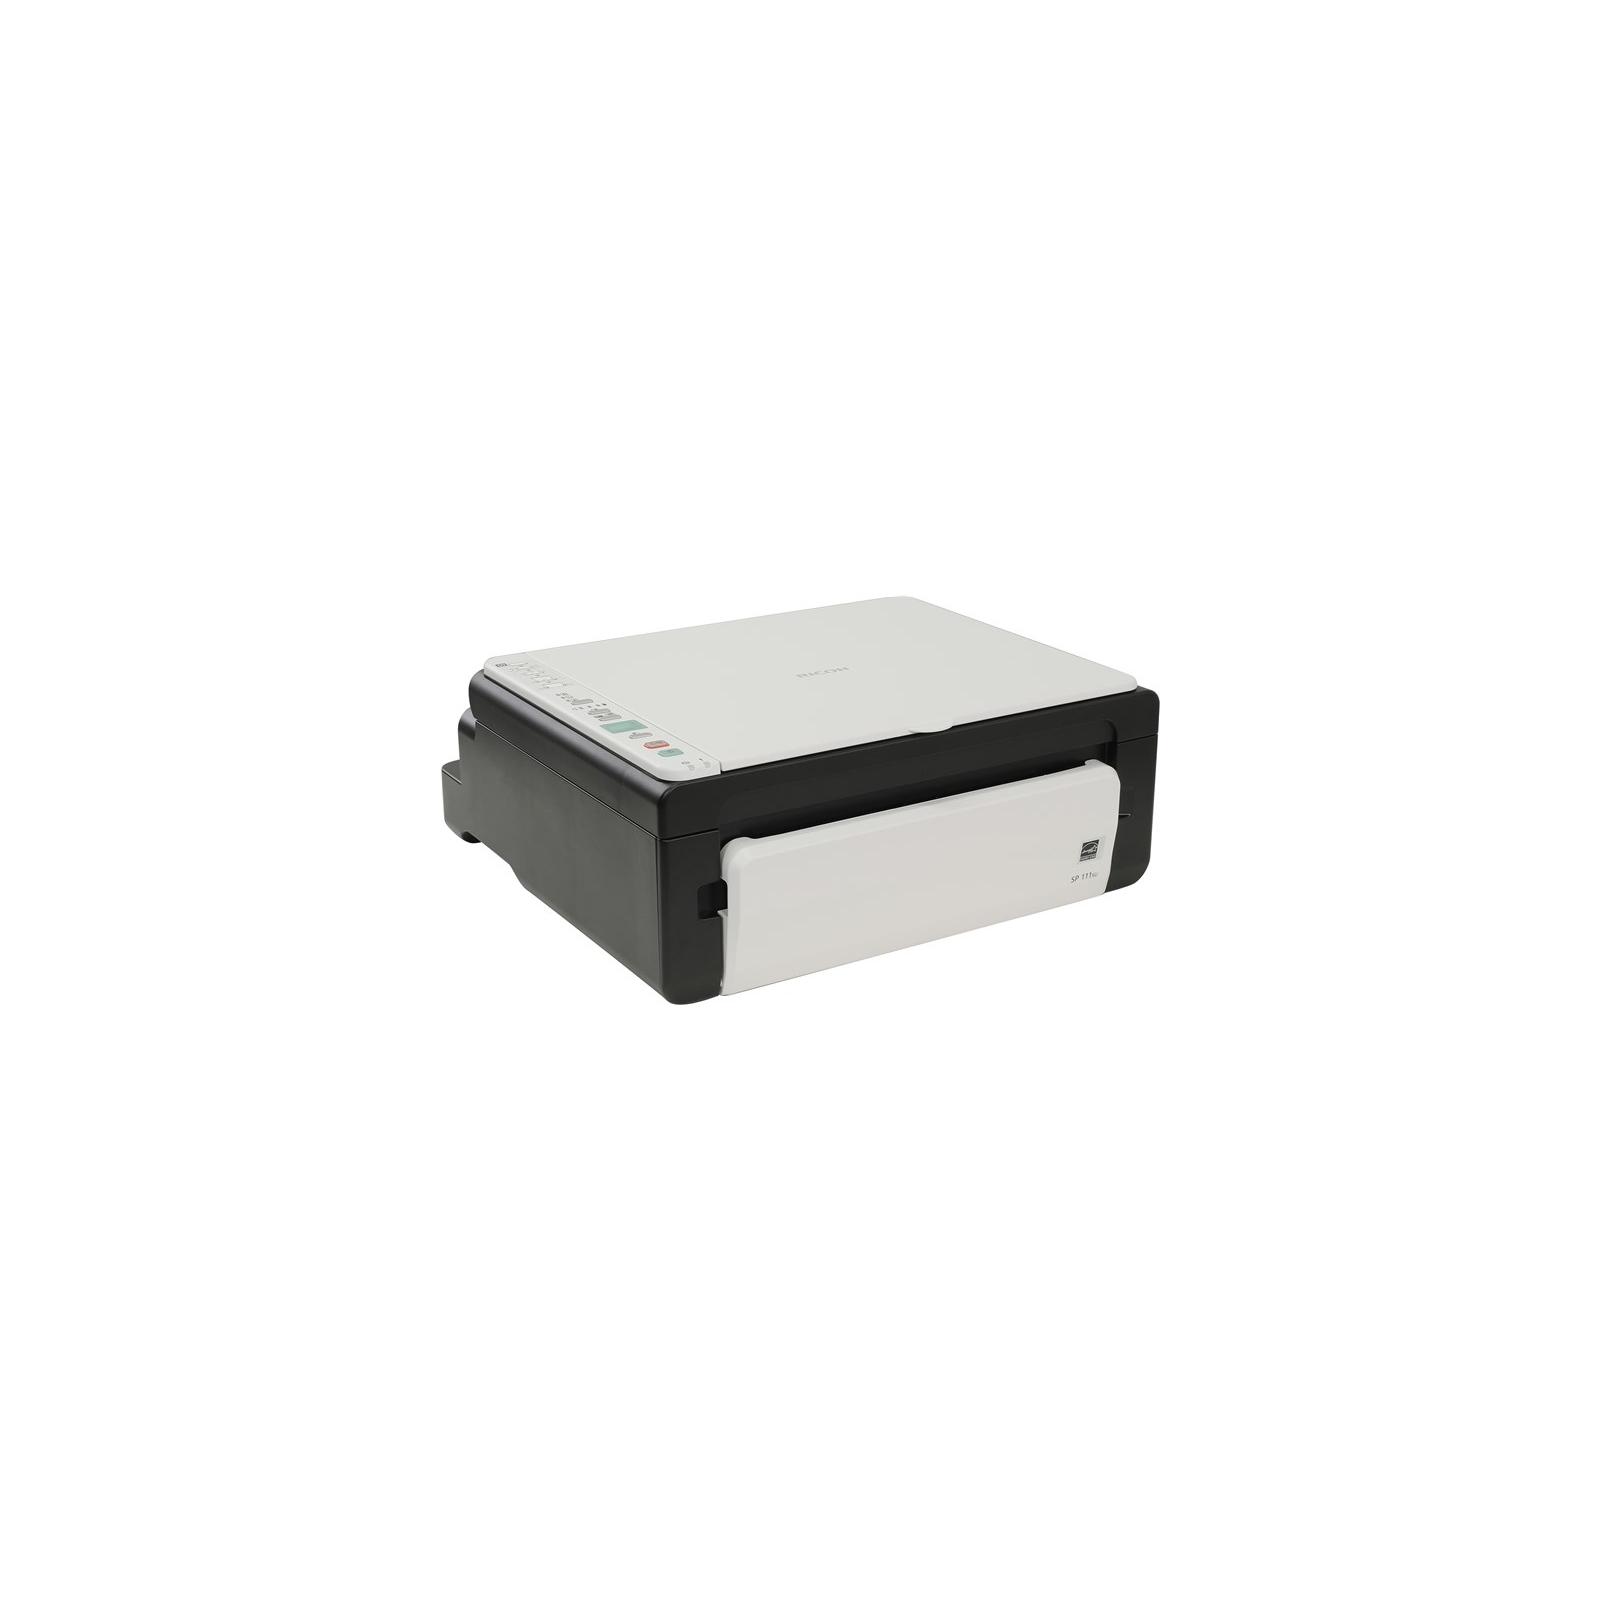 Многофункциональное устройство Ricoh SP 111SU (407418) изображение 2